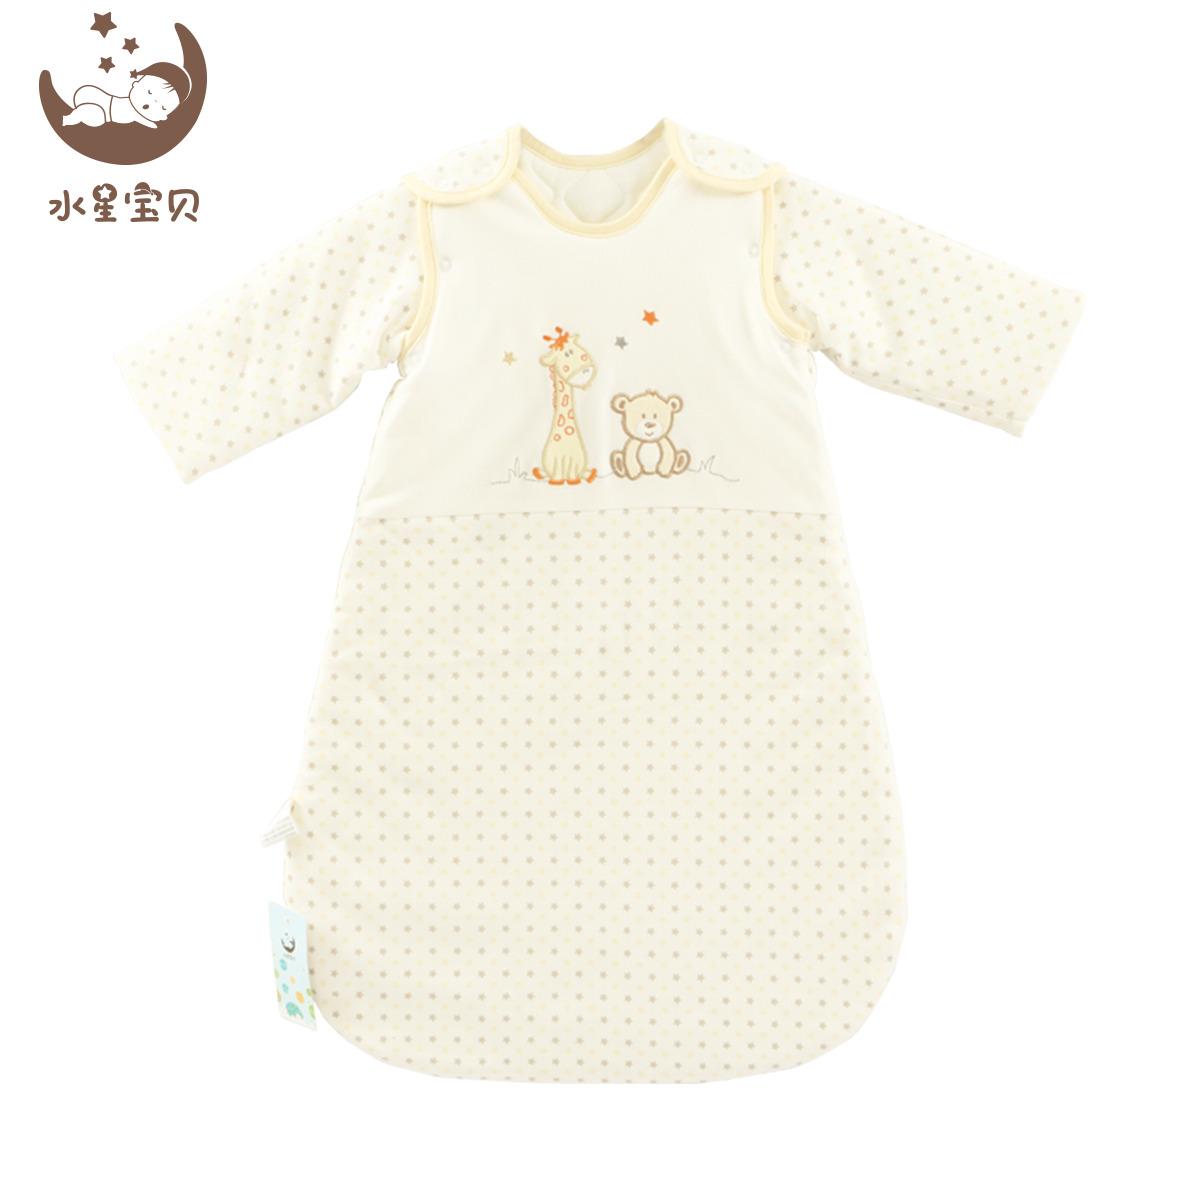 Вода звезда ребенок ребенок спальный мешок Baby в небе звезда съемный спальный мешок противо удар находятся спальный мешок